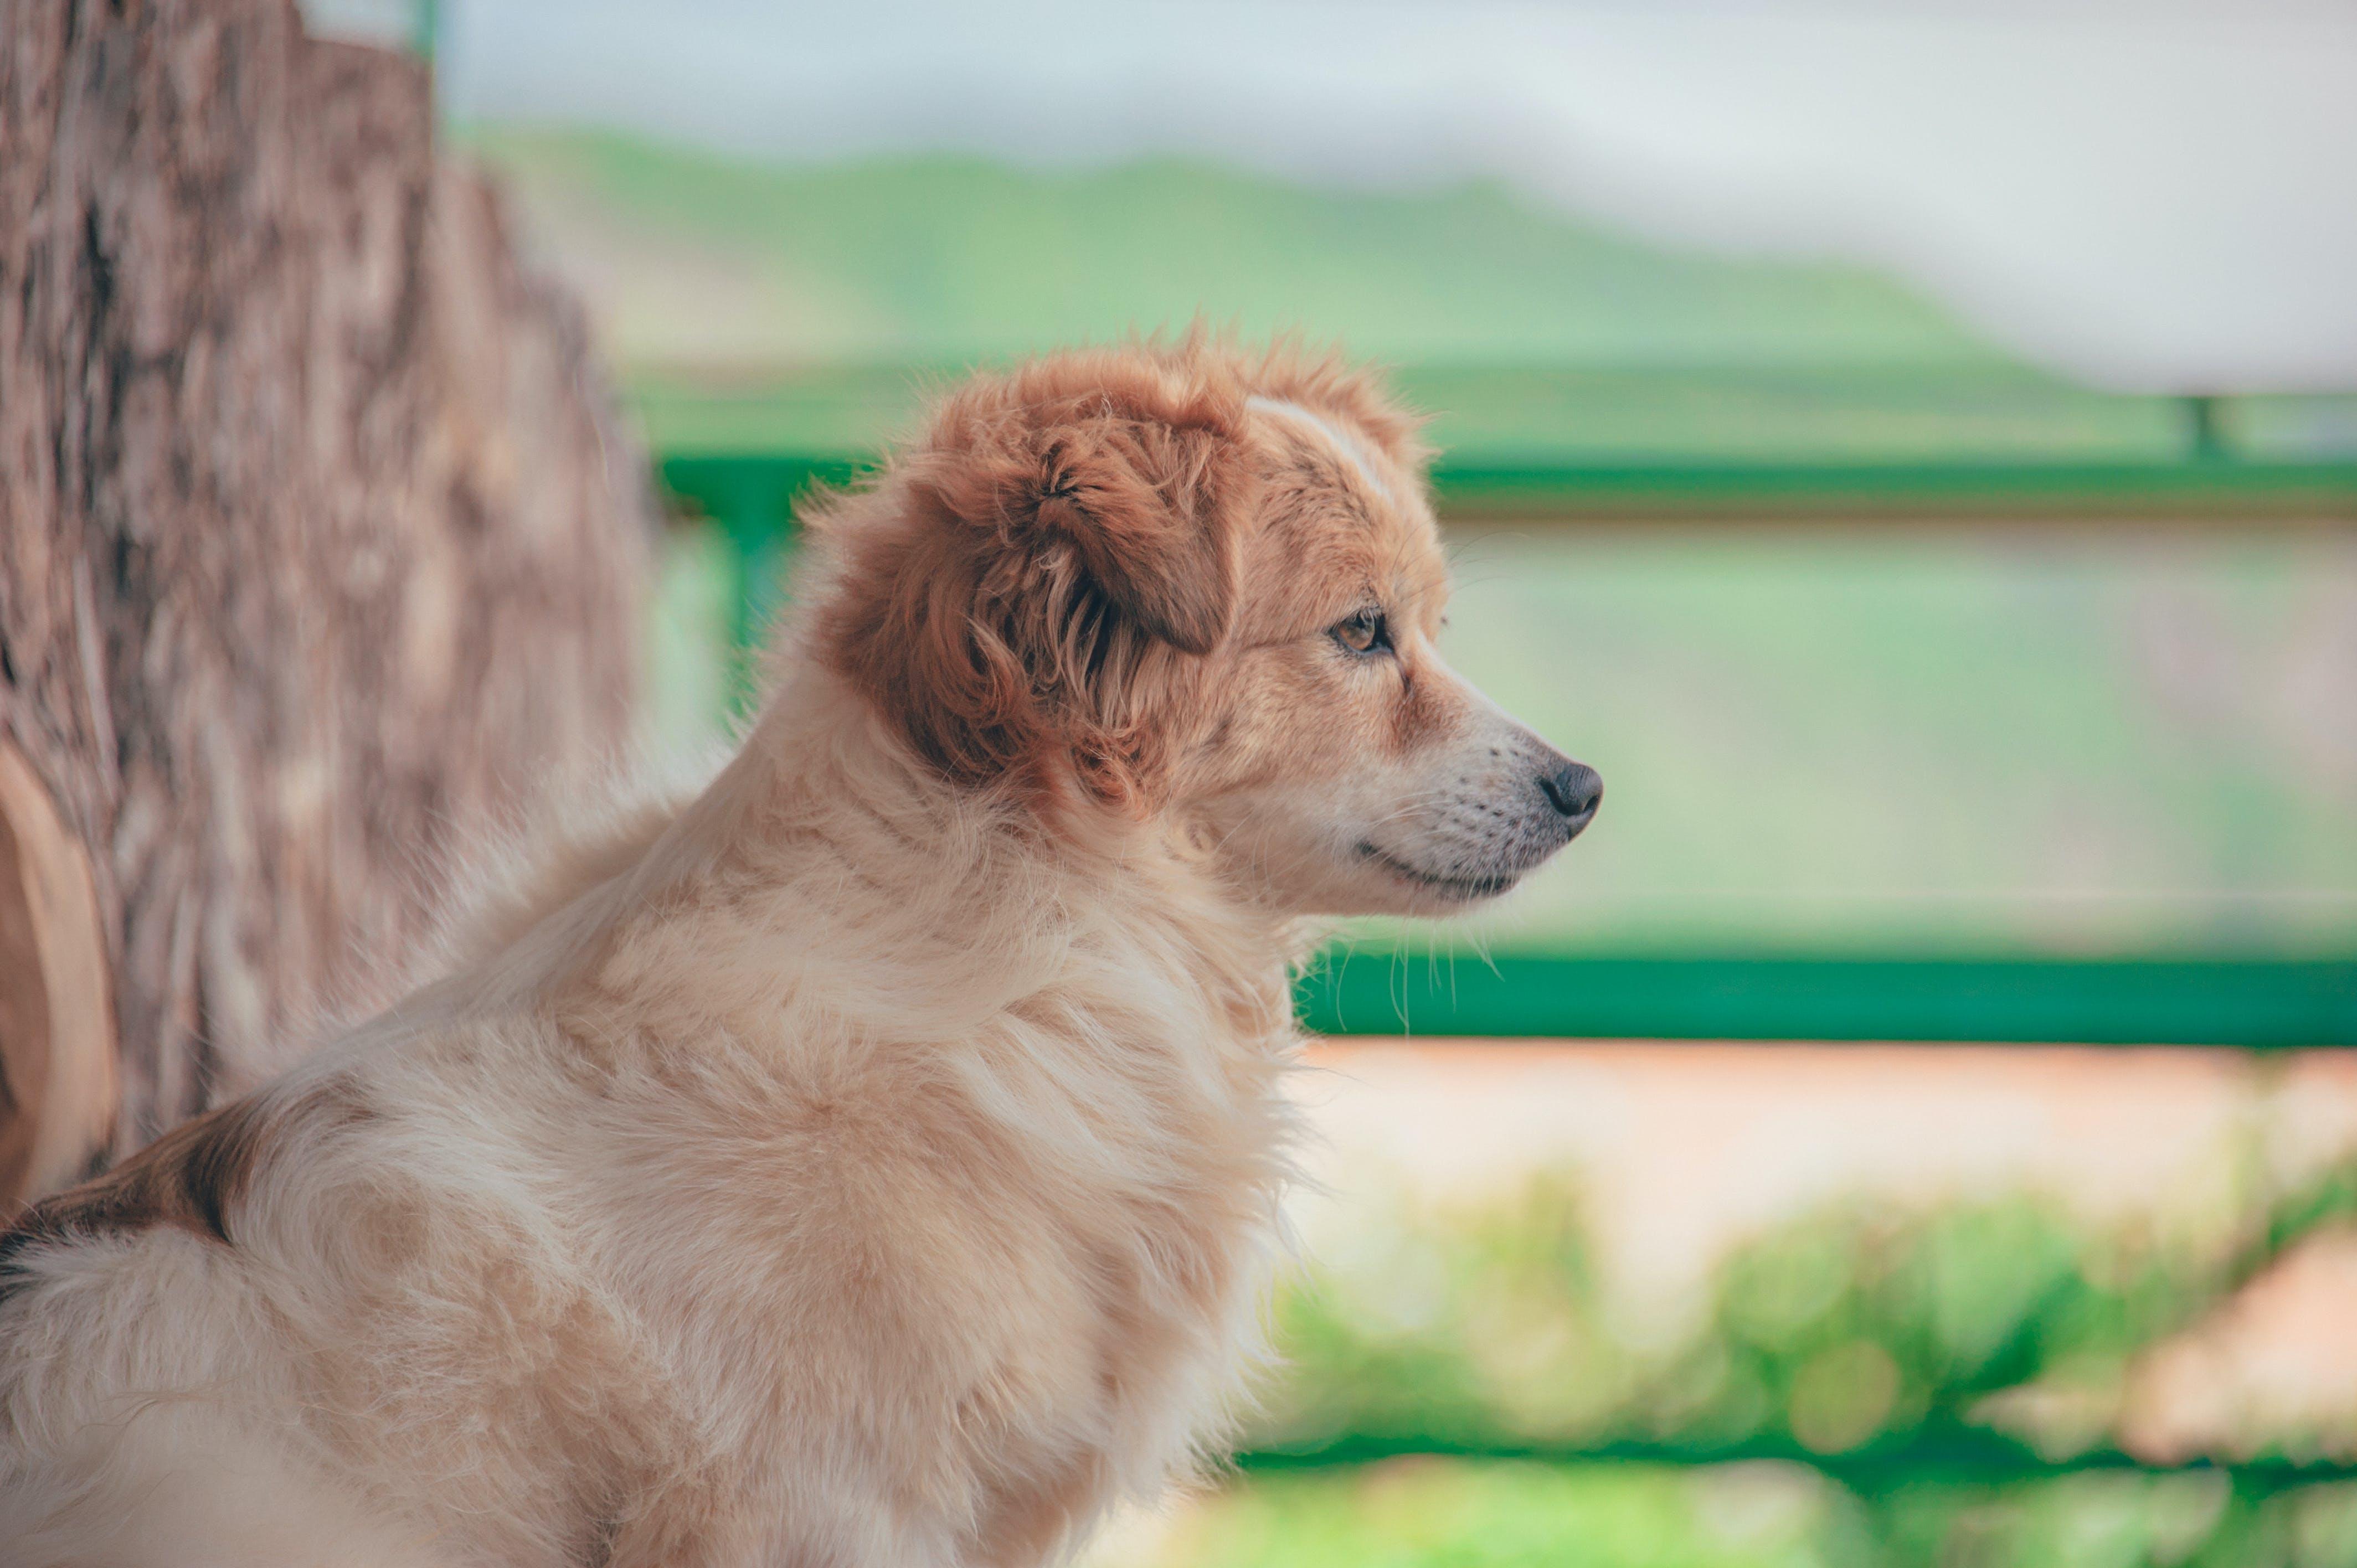 Fotos de stock gratuitas de adorable, animal, cachorro, canino